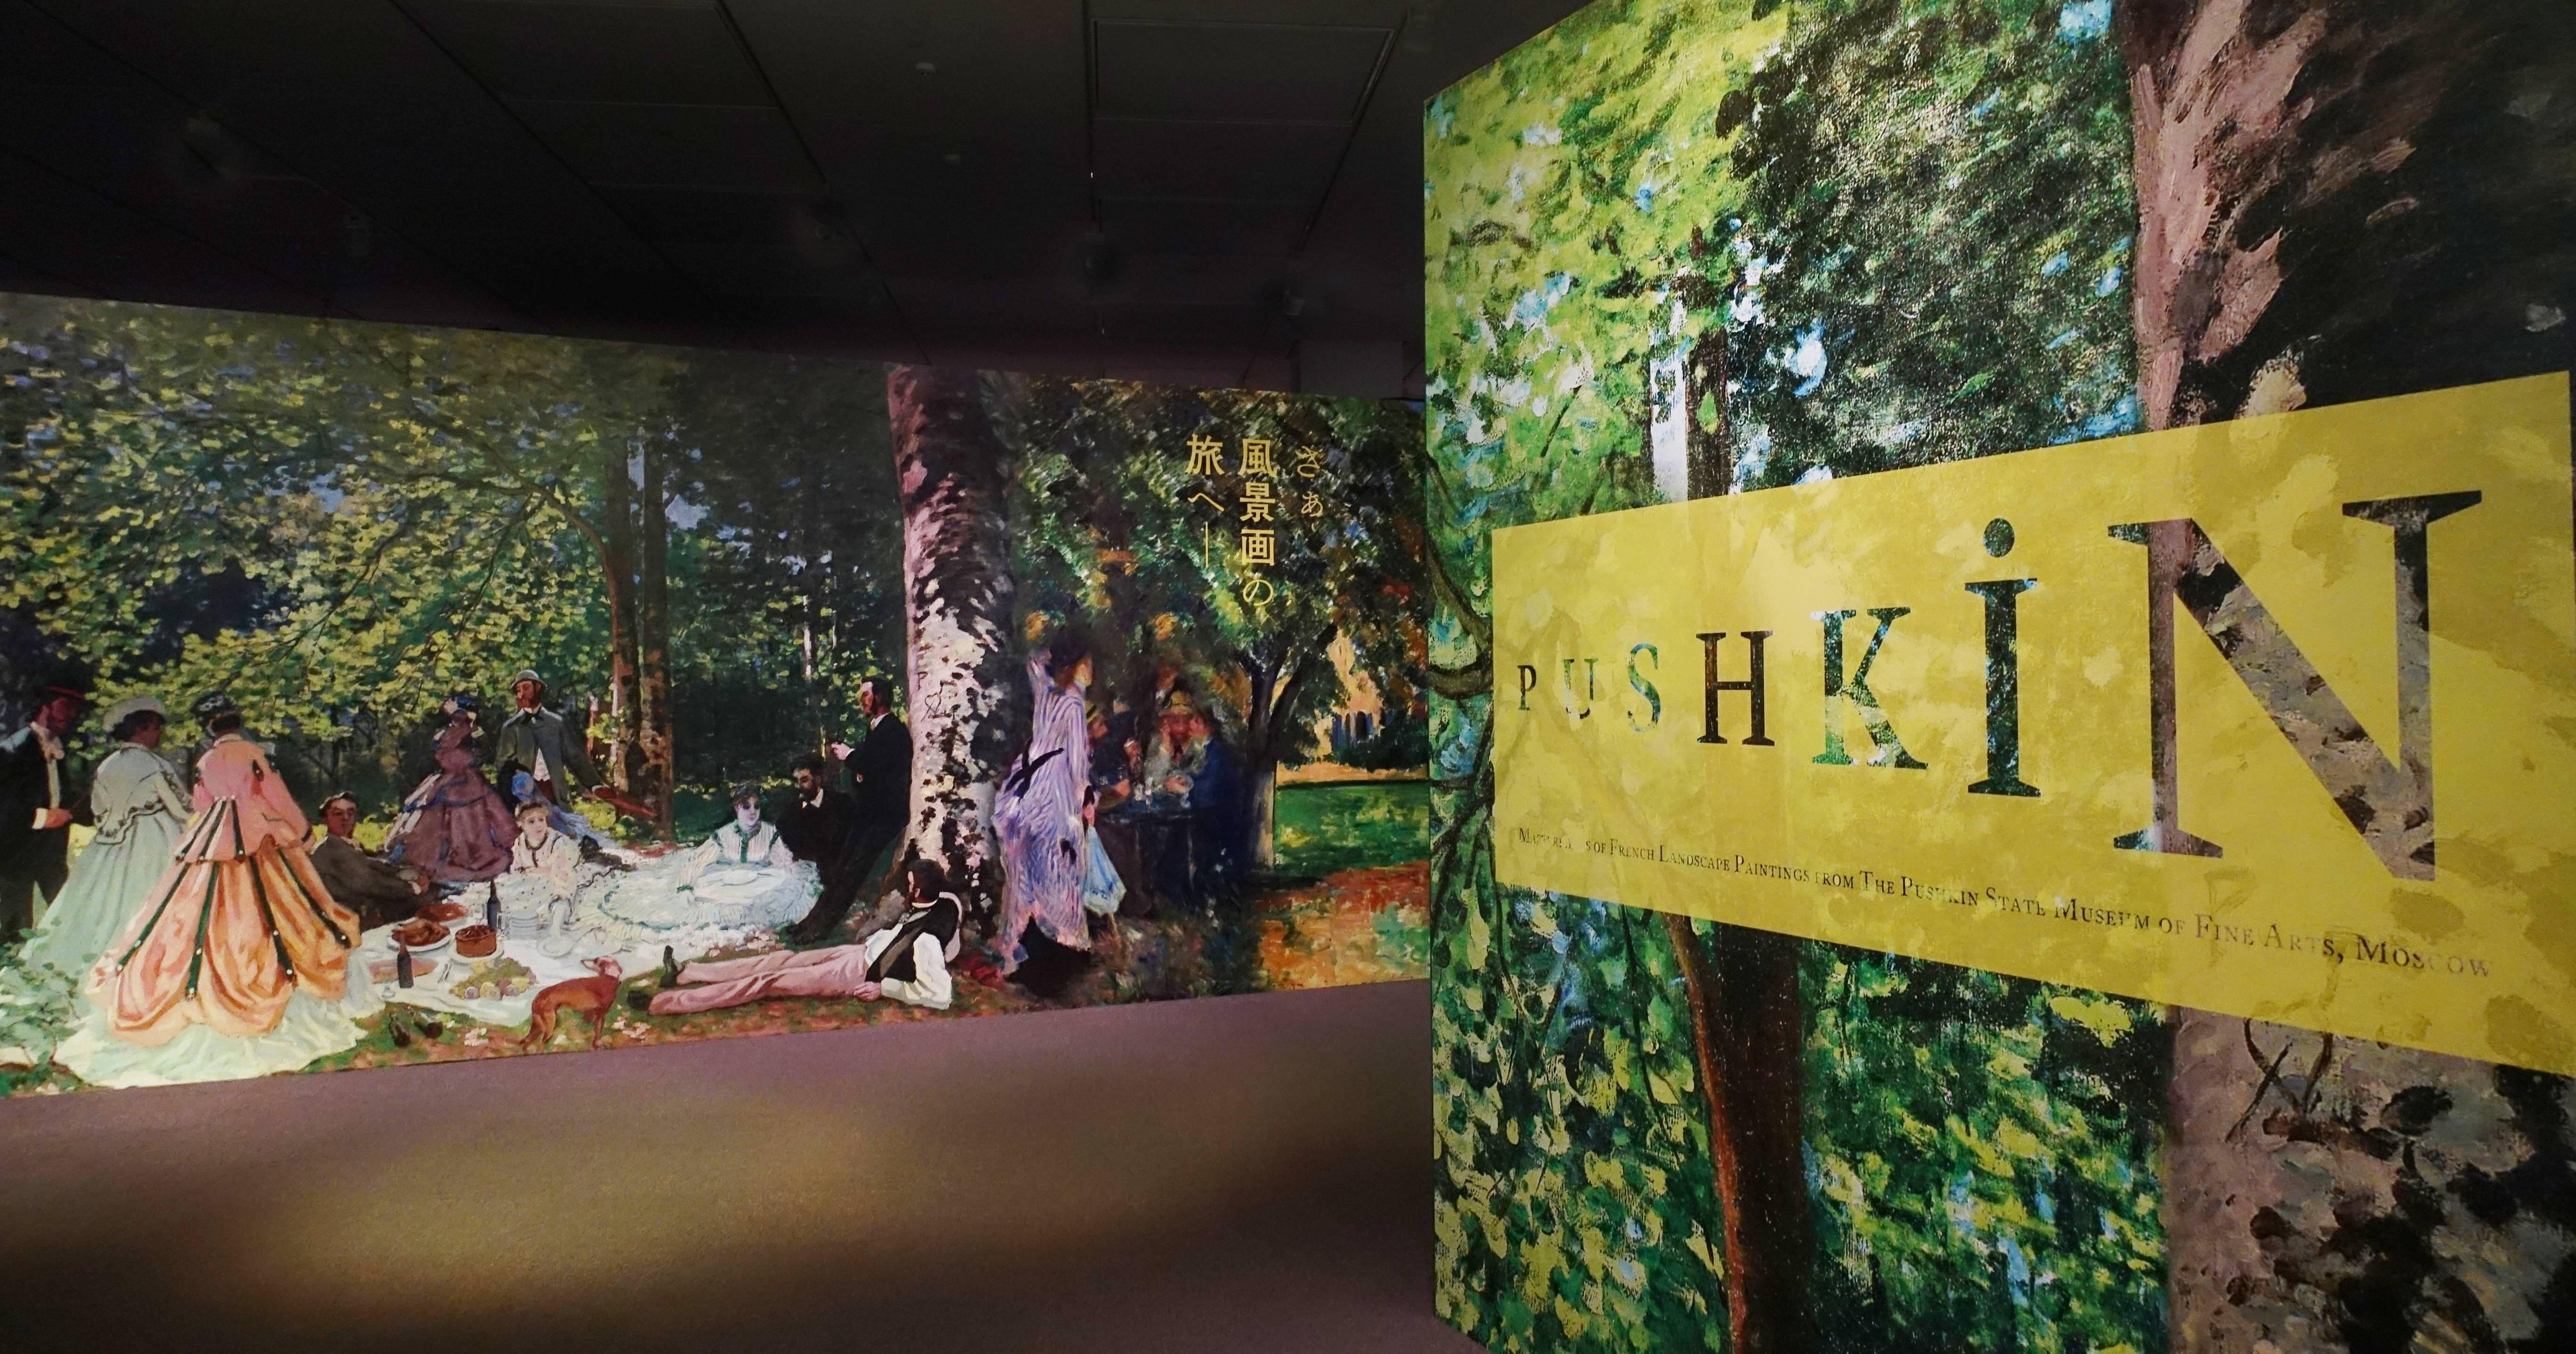 日本東京都美術館【普希金博物館繪畫特展-法國風景畫的旅行】展場主視覺入口處。